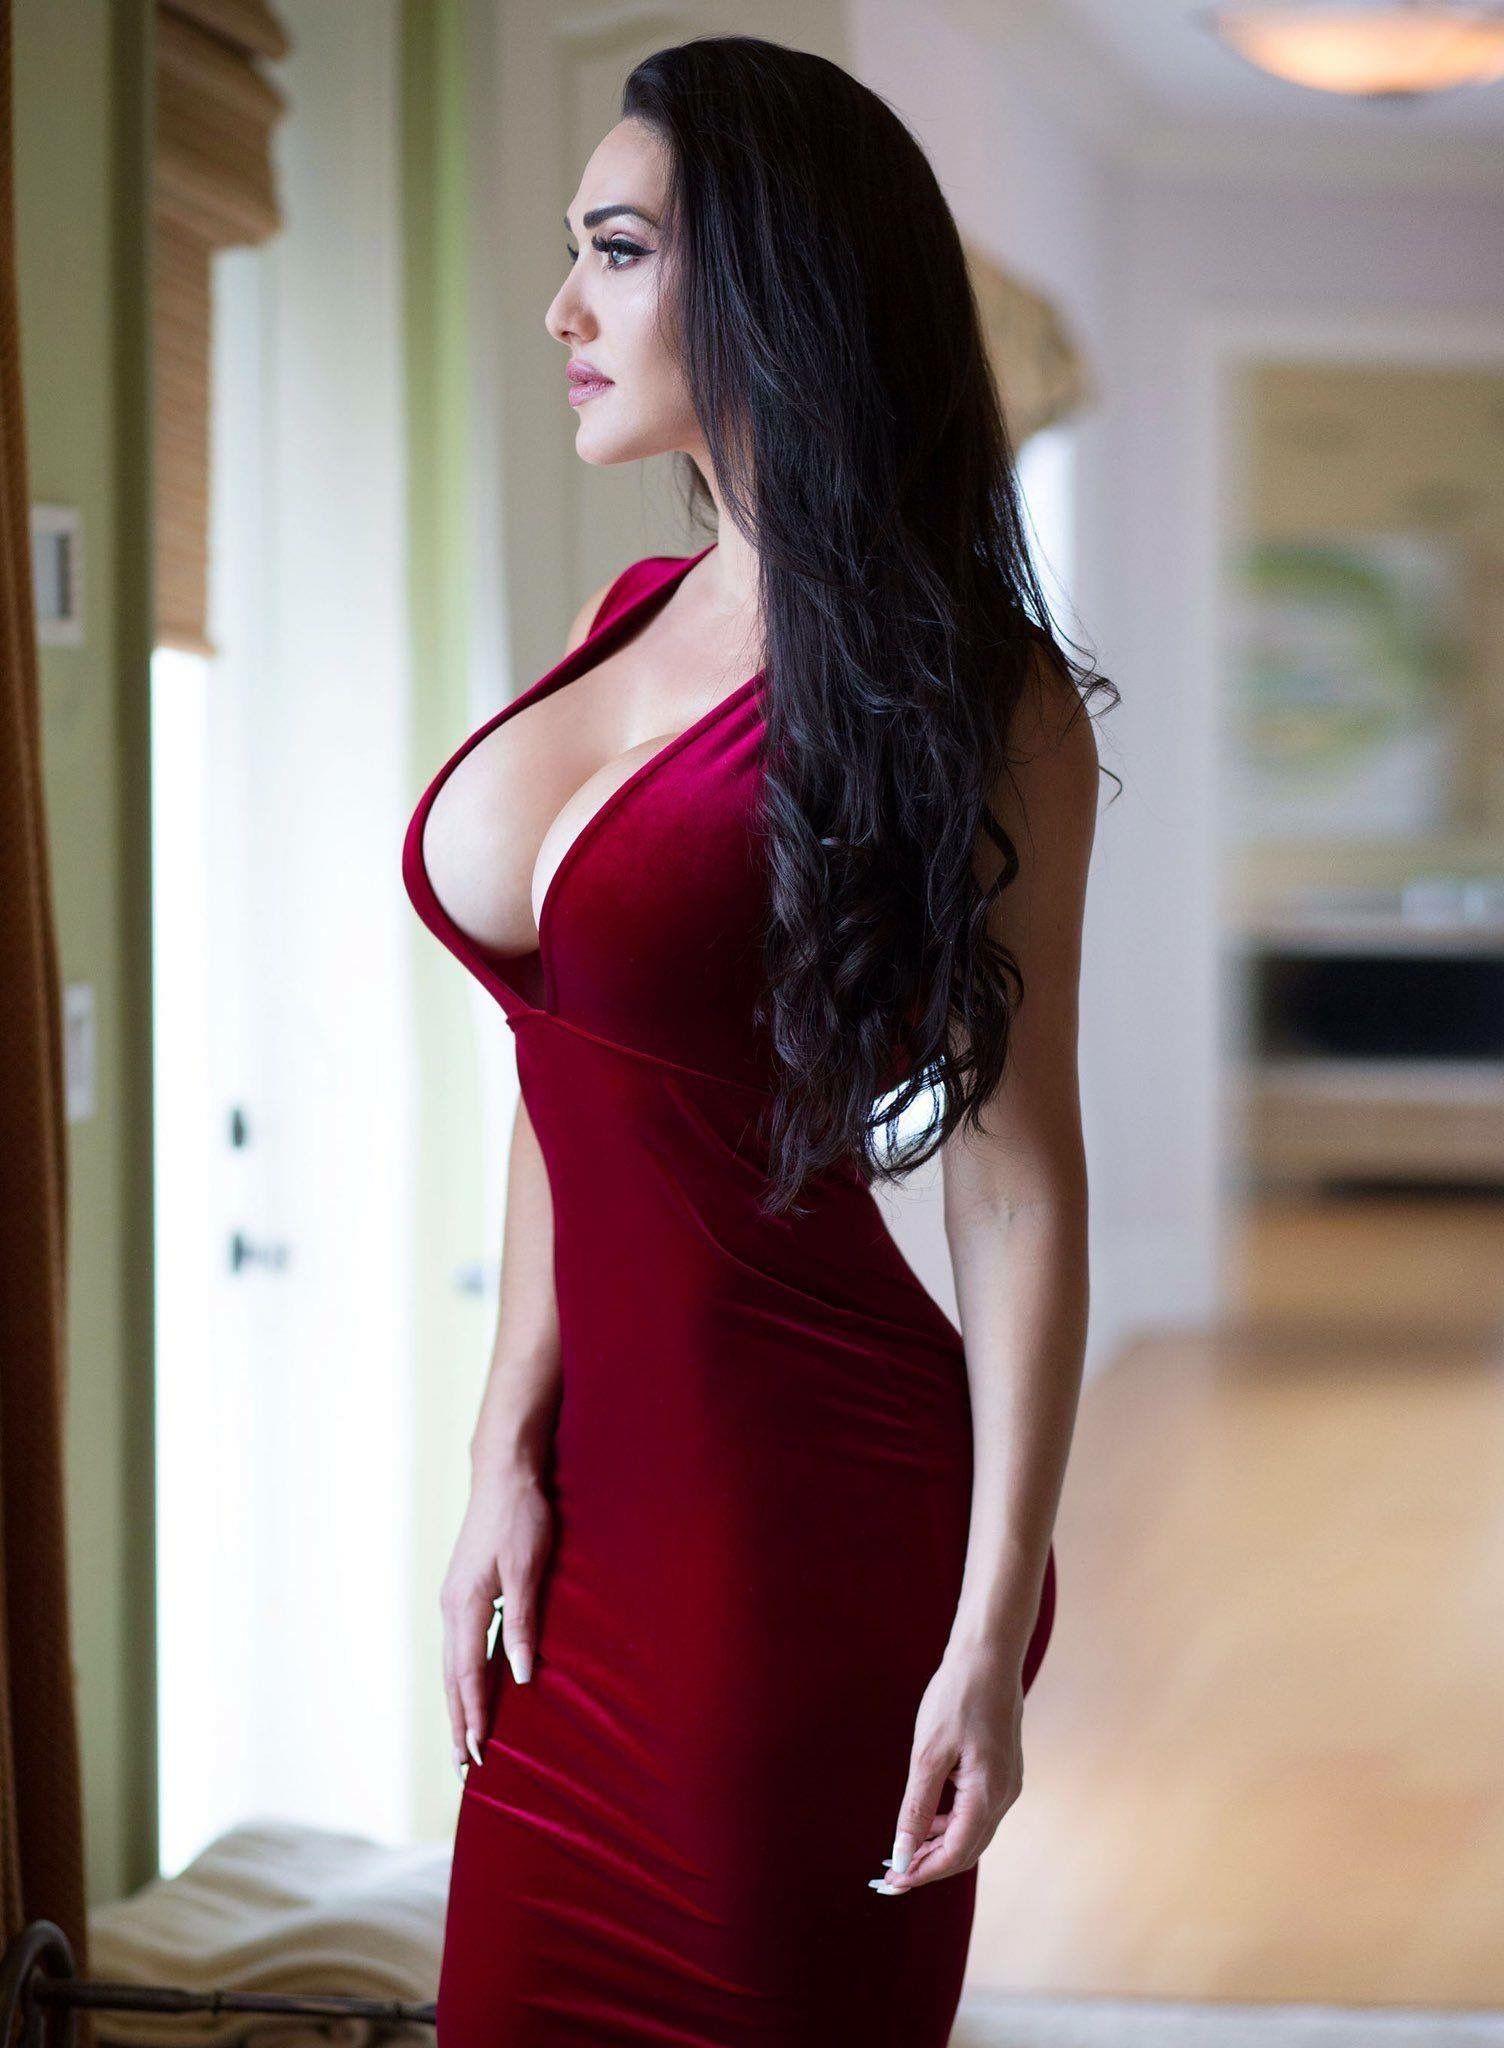 Pin Oleh Levi71 Di Red Wanita Cantik Wanita Berlekuk Wanita